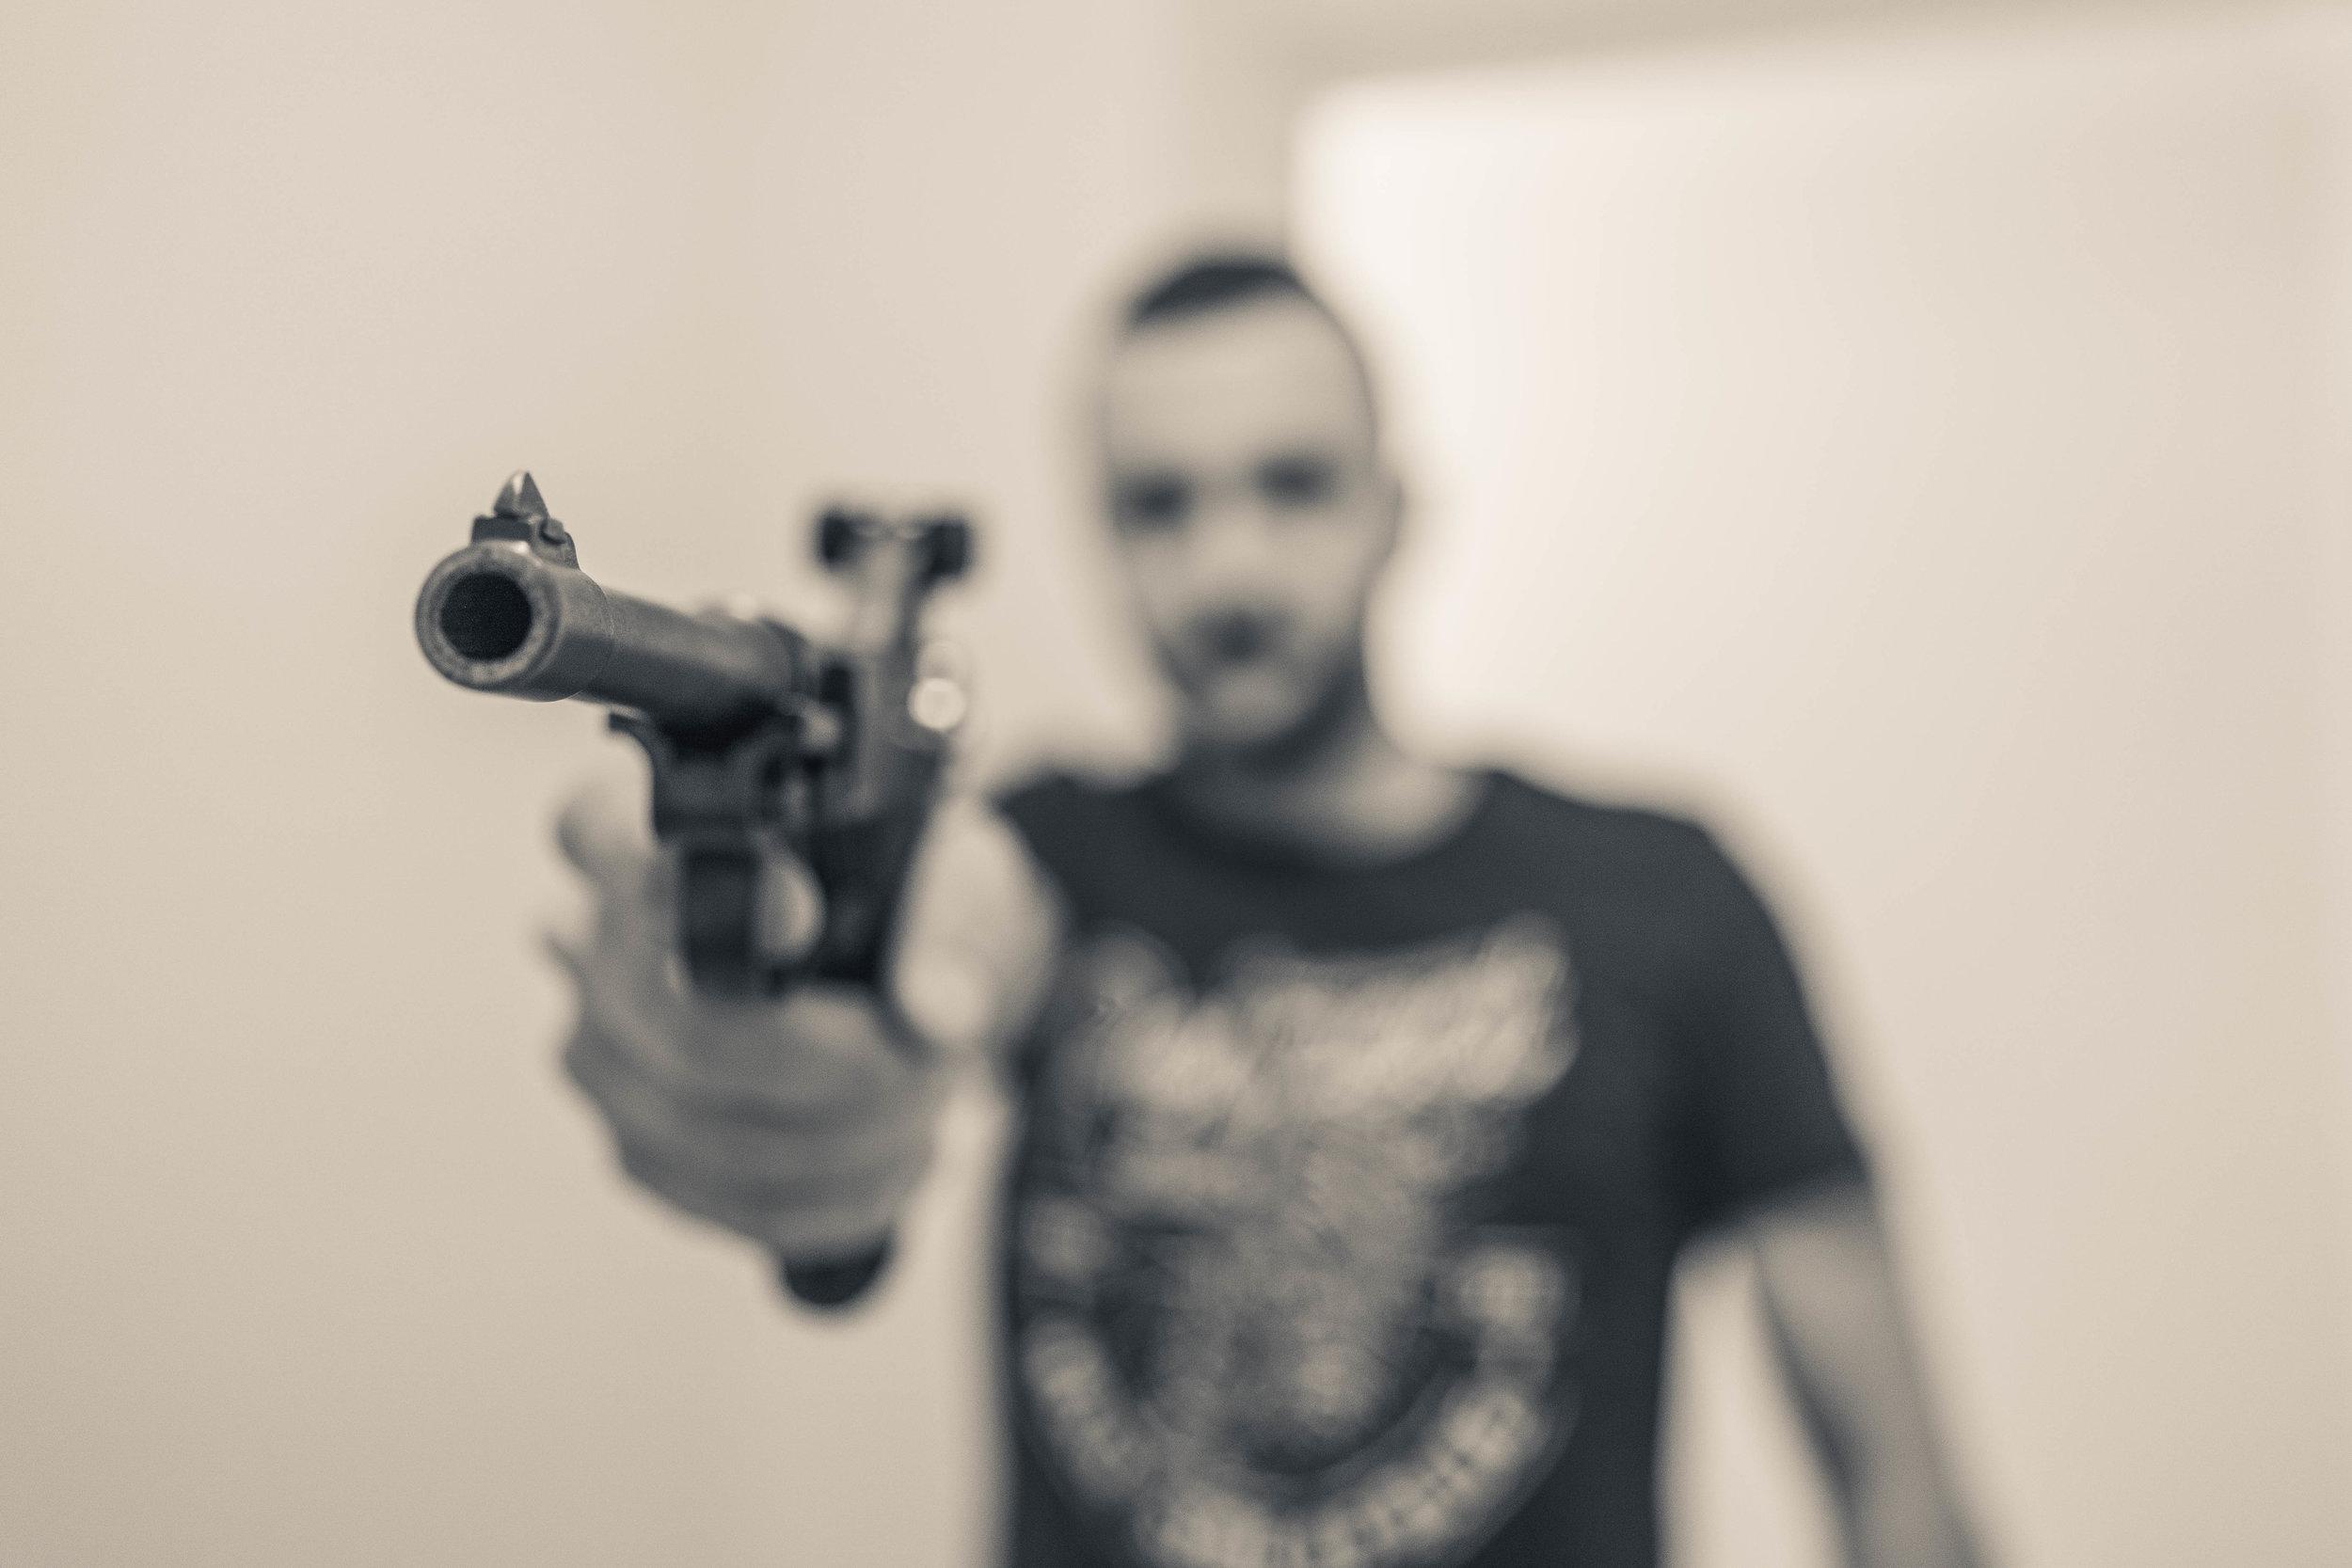 Fun with the gun